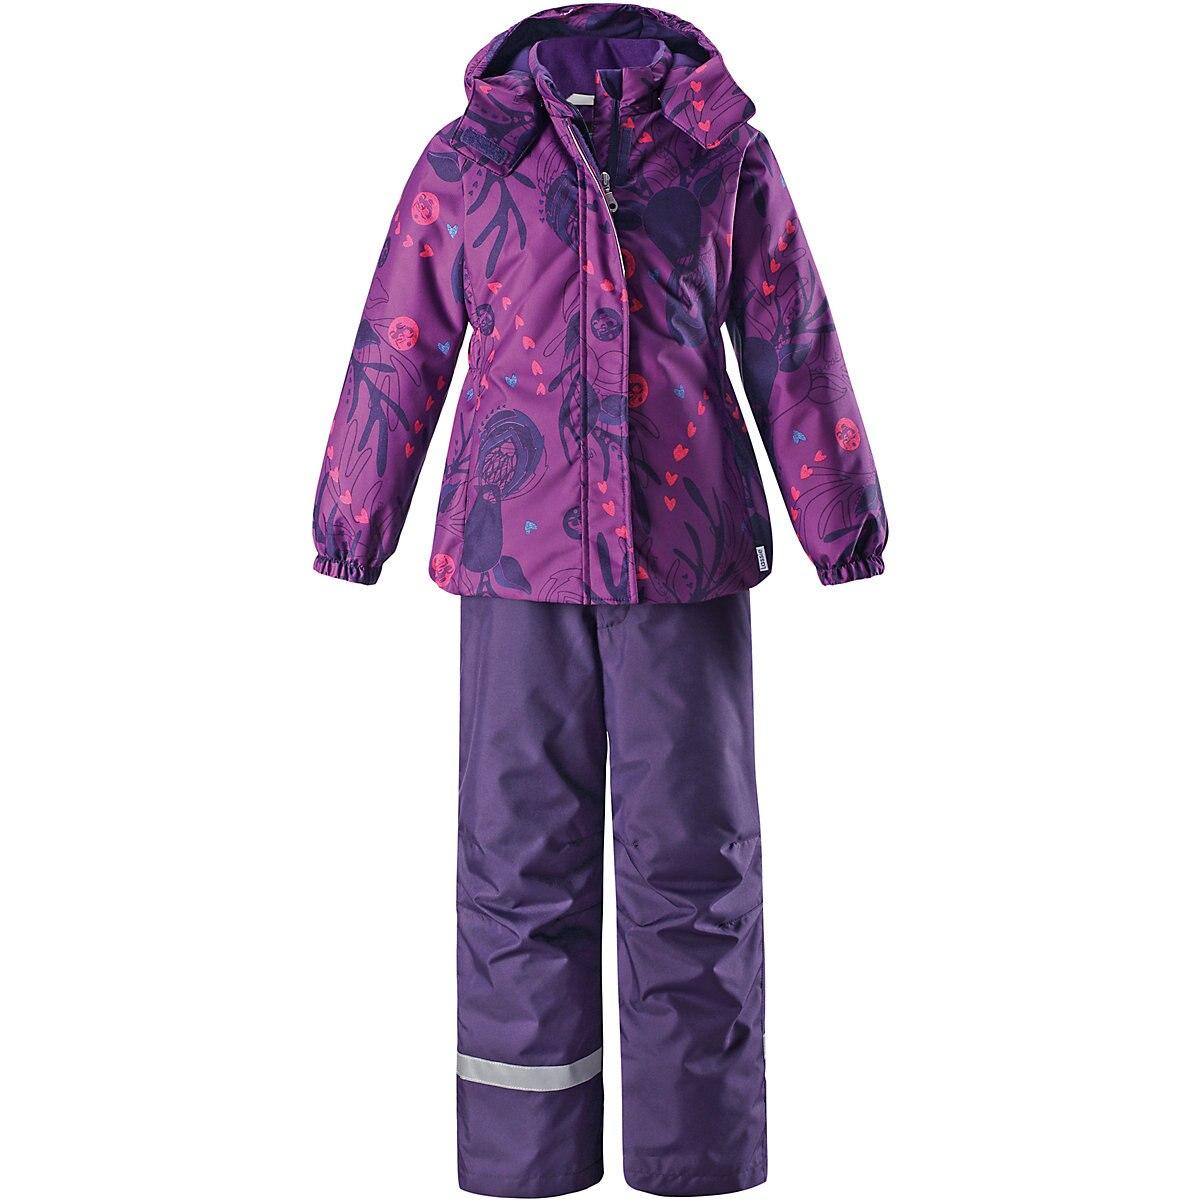 Ensembles pour enfants LASSIE pour filles 8628964 survêtement d'hiver enfants vêtements chauds